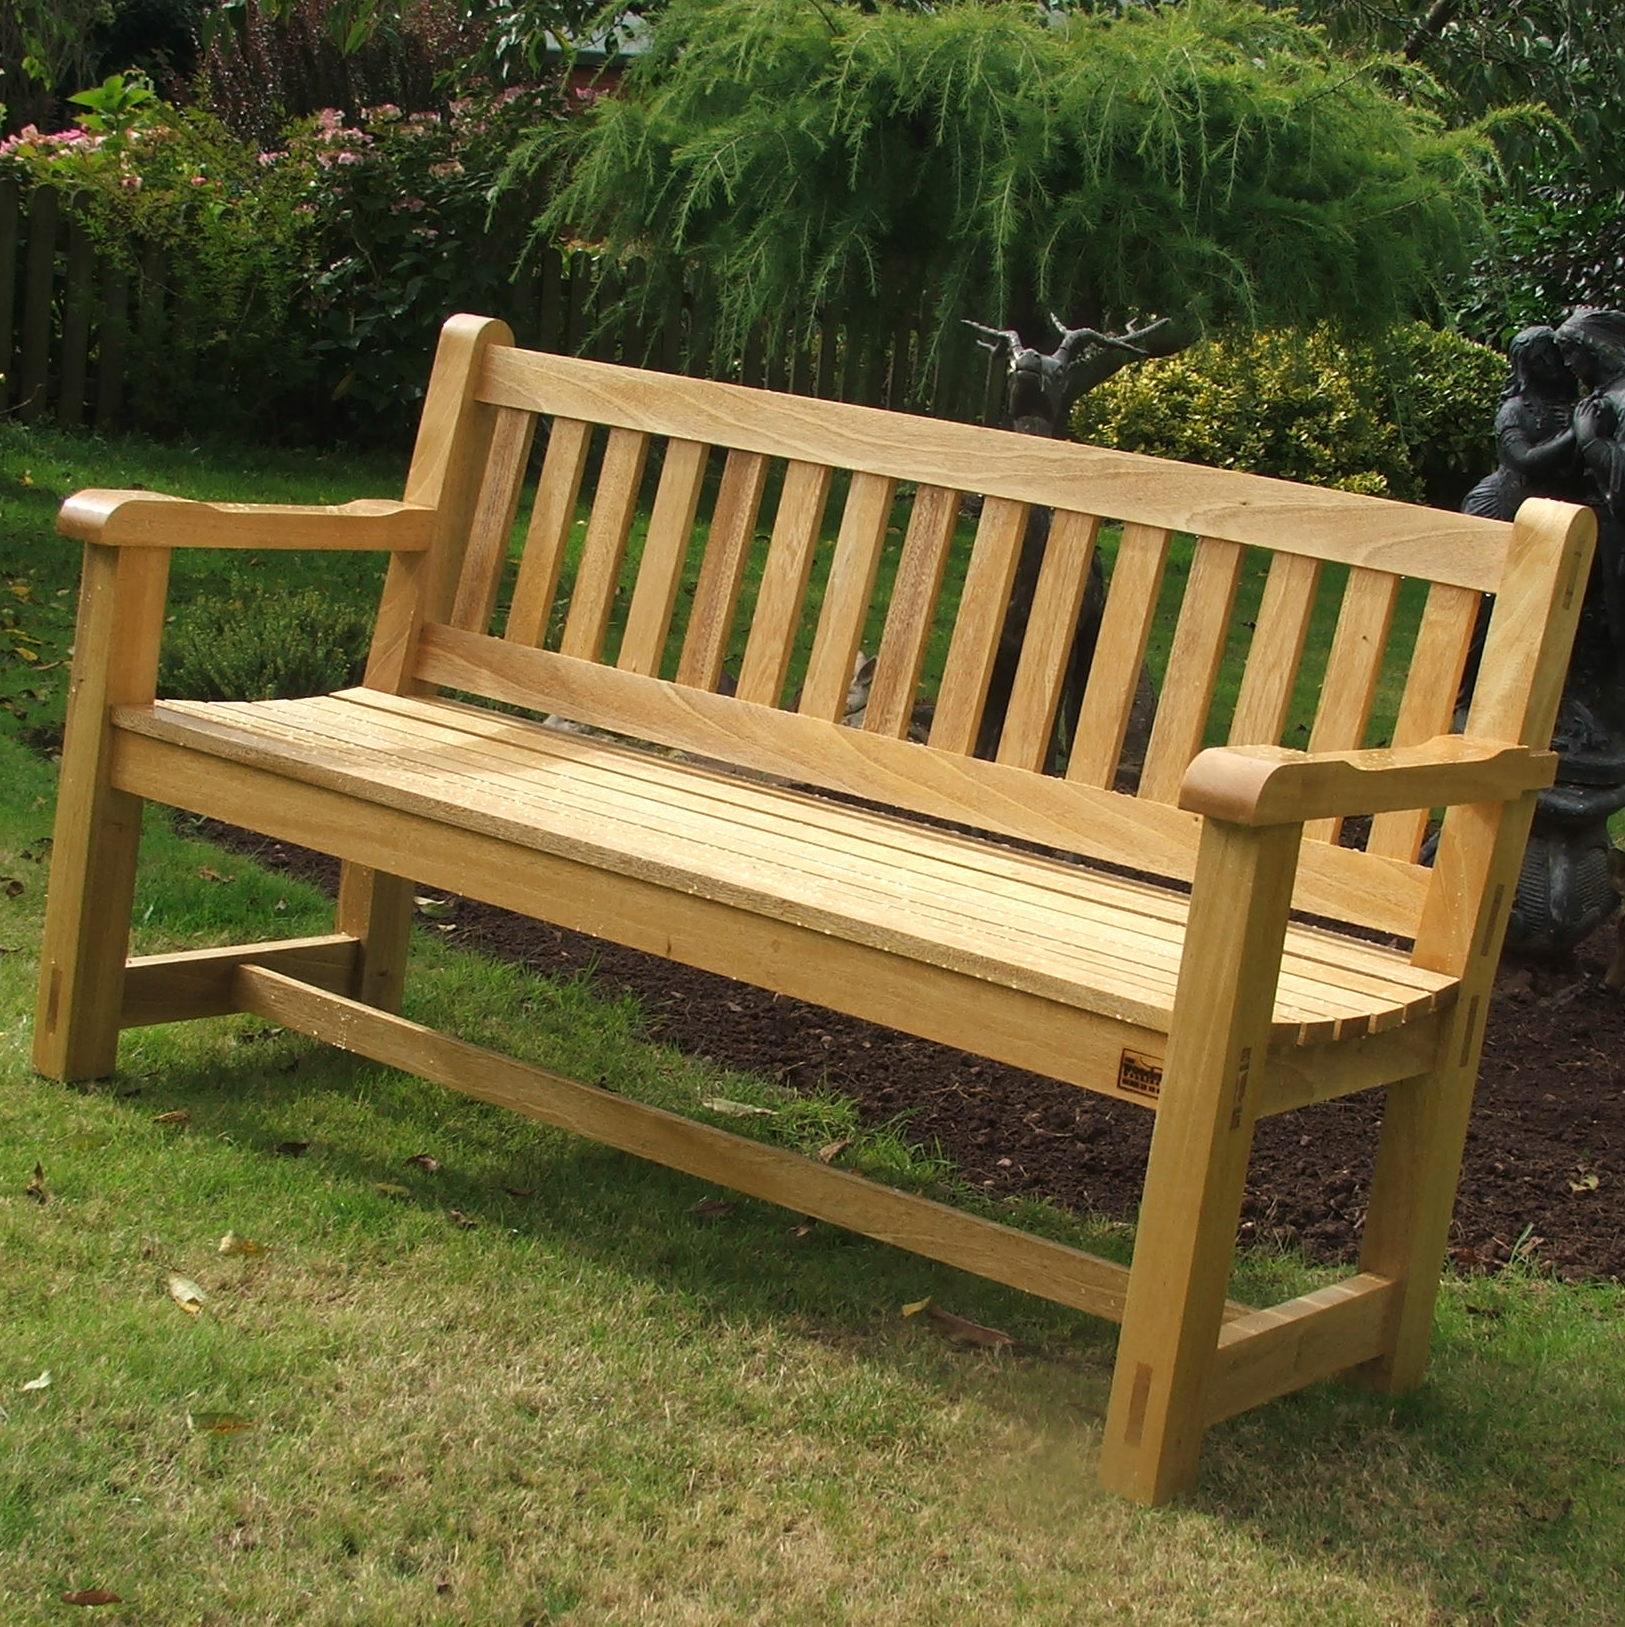 Wooden garden benches enrich your garden with wooden garden benches - decorifusta ISJSOJV